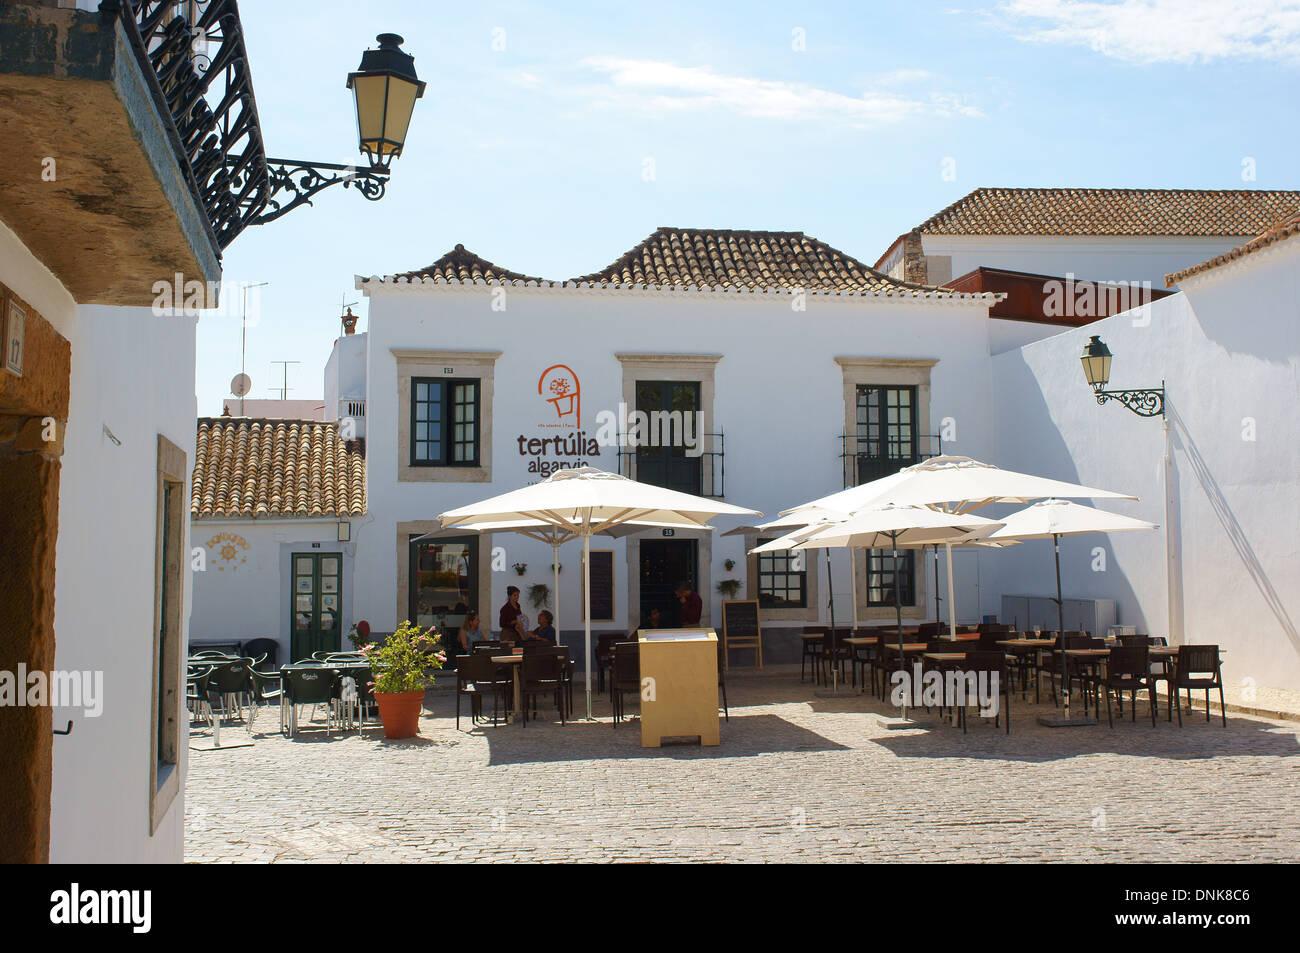 Faro Old Town Algarve Portugal - Stock Image